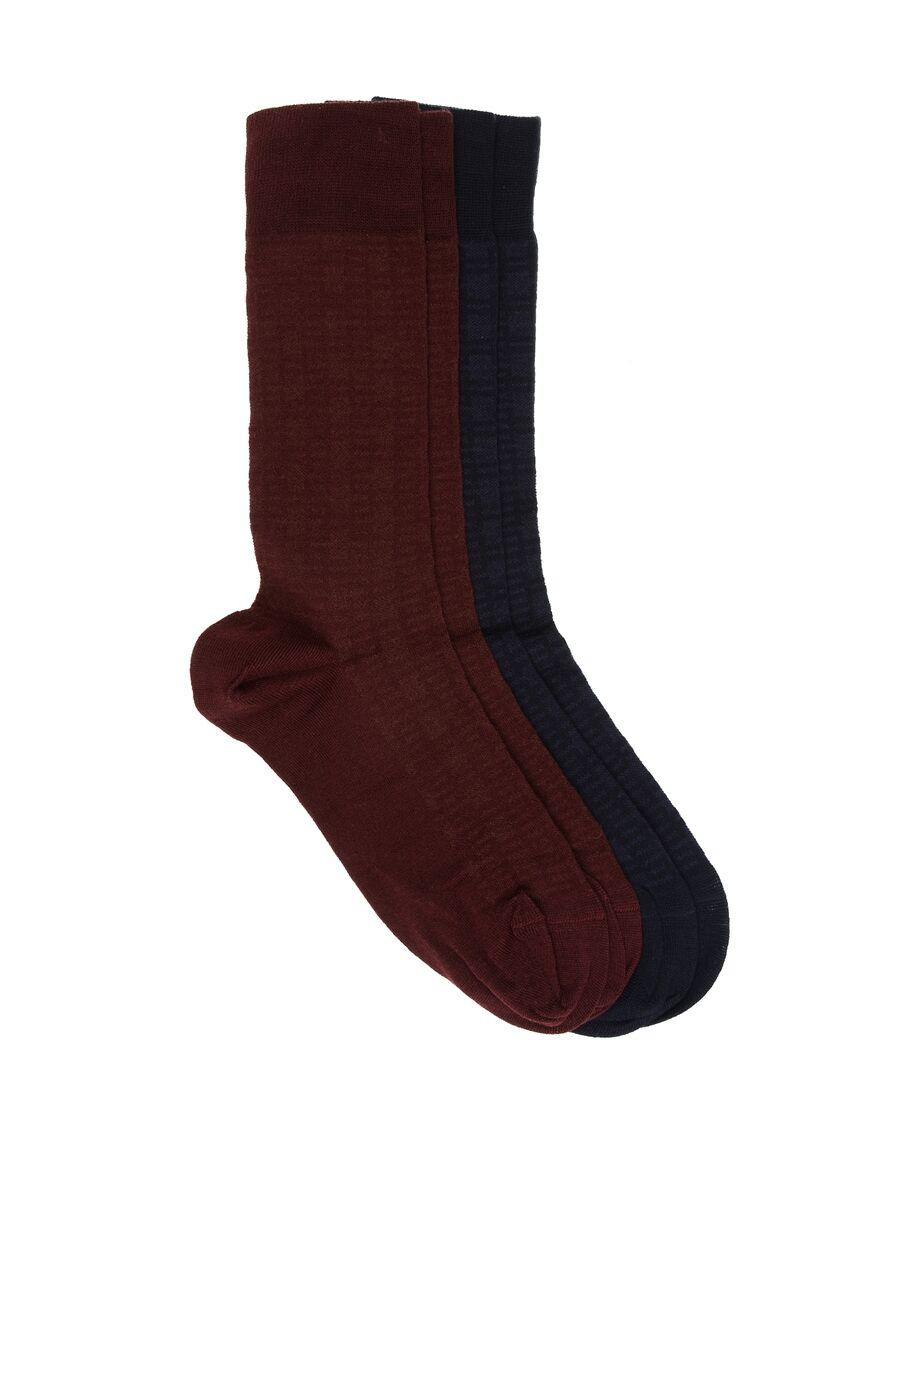 Bamboo Desenli Lacivert - Bordo 2'li Erkek Çorap Seti